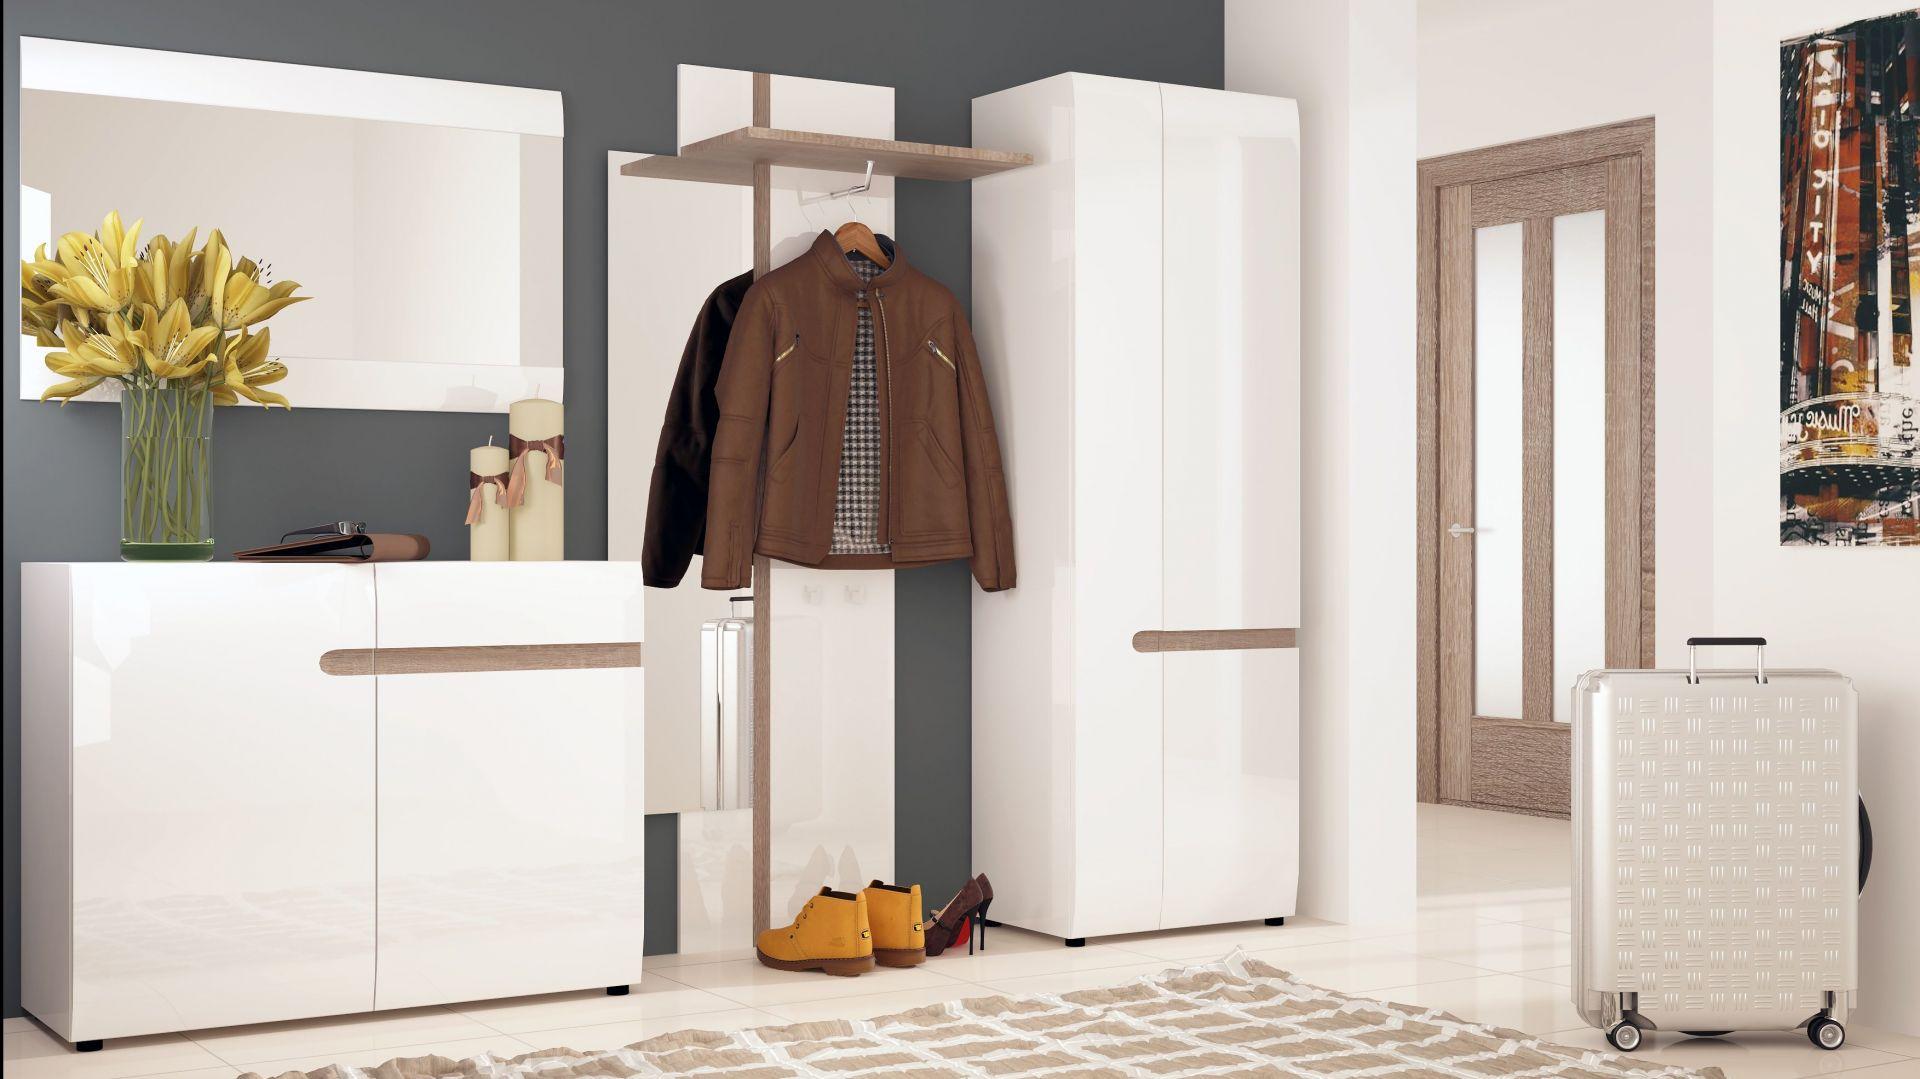 Biel optycznie powiększa przedpokój, a przestronne szafki tego systemu dają wiele miejsca do przechowywania. Fot. Meble Wójcik